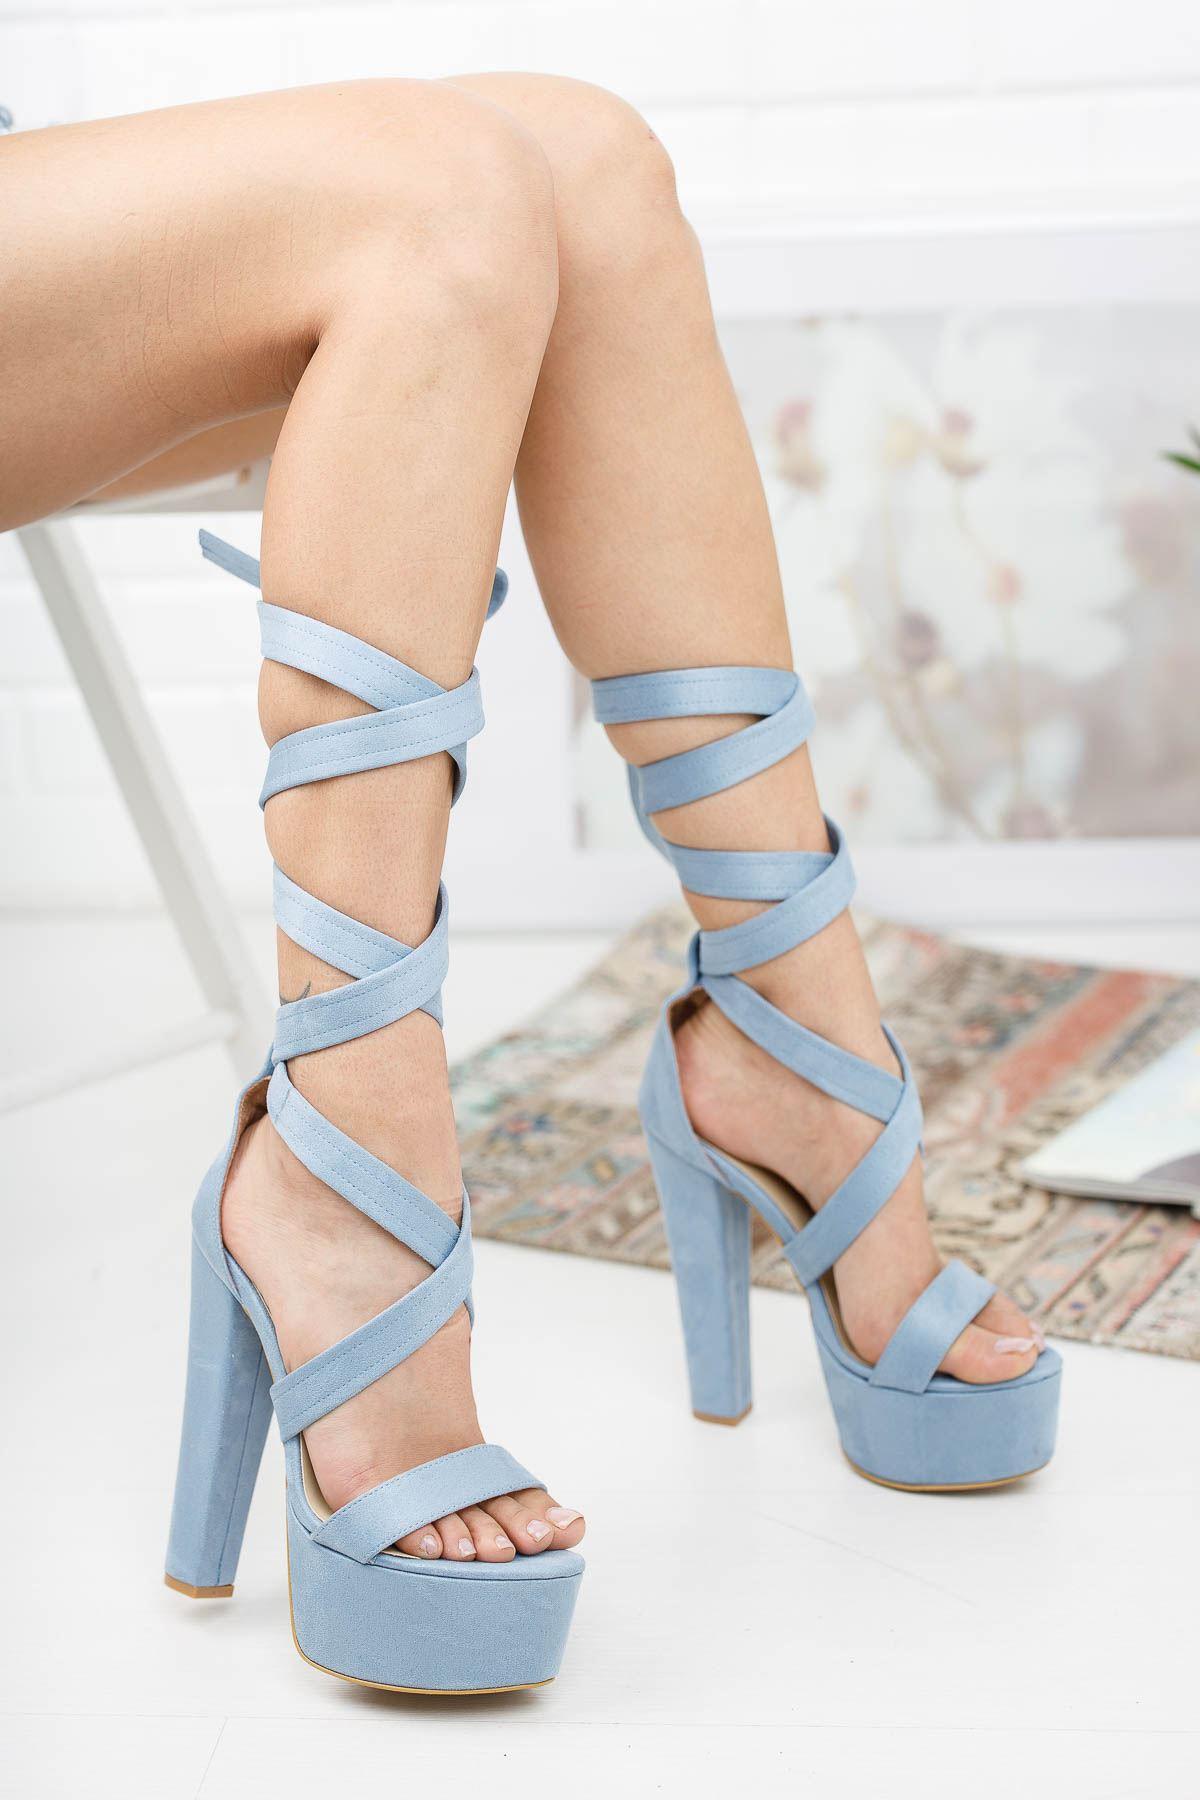 Kalit Bebe Mavi Süet Topuklu Kadın Ayakkabı